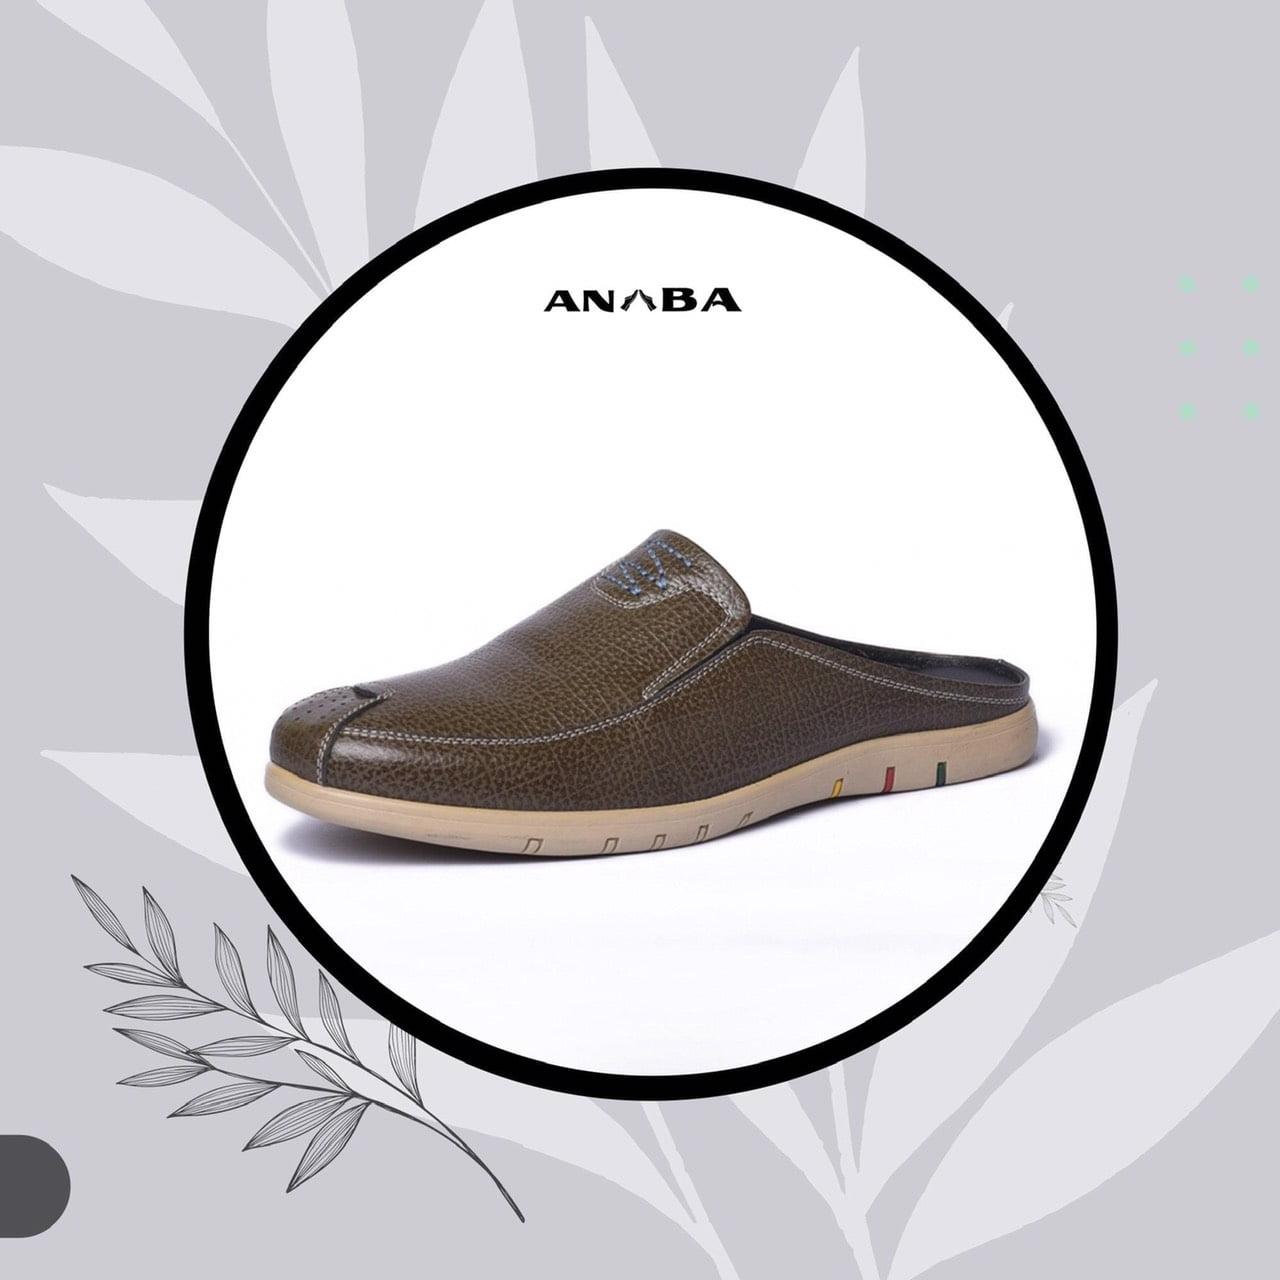 Form dáng sản phẩm dựa trên thiết kế chuẩn của một đôi giày tây mũi tròn chính thống, phần hở gót và toàn bộ dép đều được làm từ chất liệu da bò thật 100%.